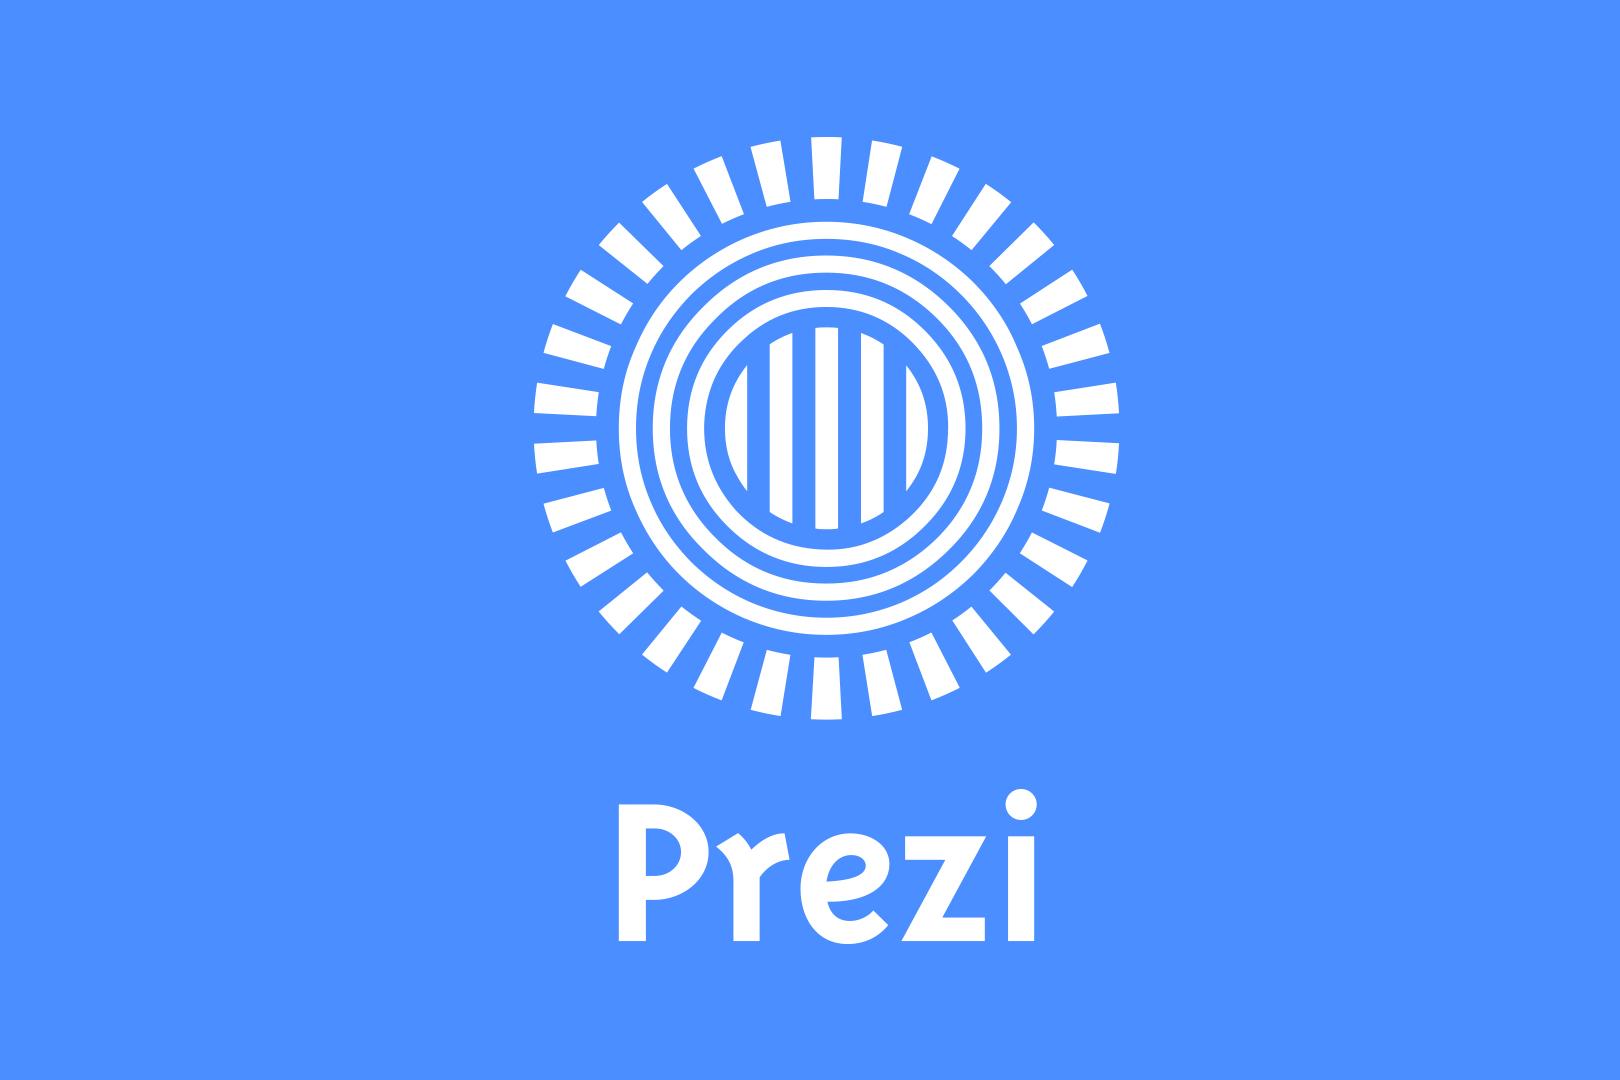 prezi-1